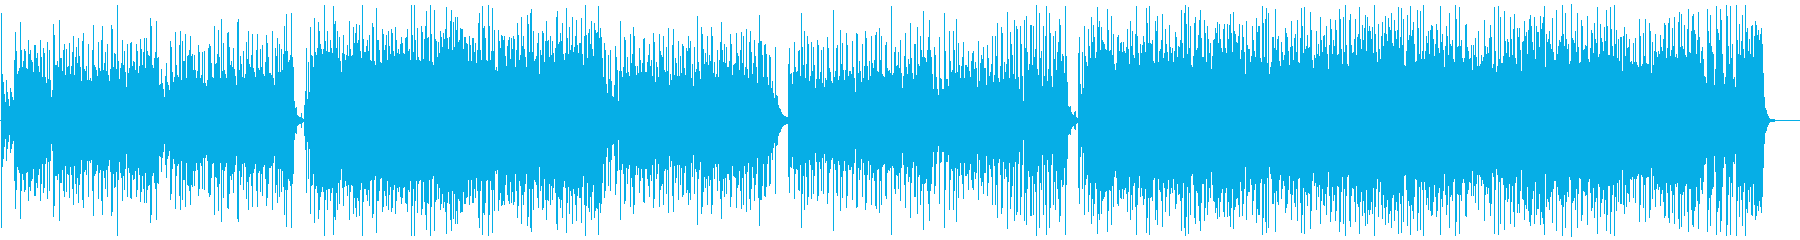 【メロなし】情熱大陸のような情熱的BGMの再生済みの波形